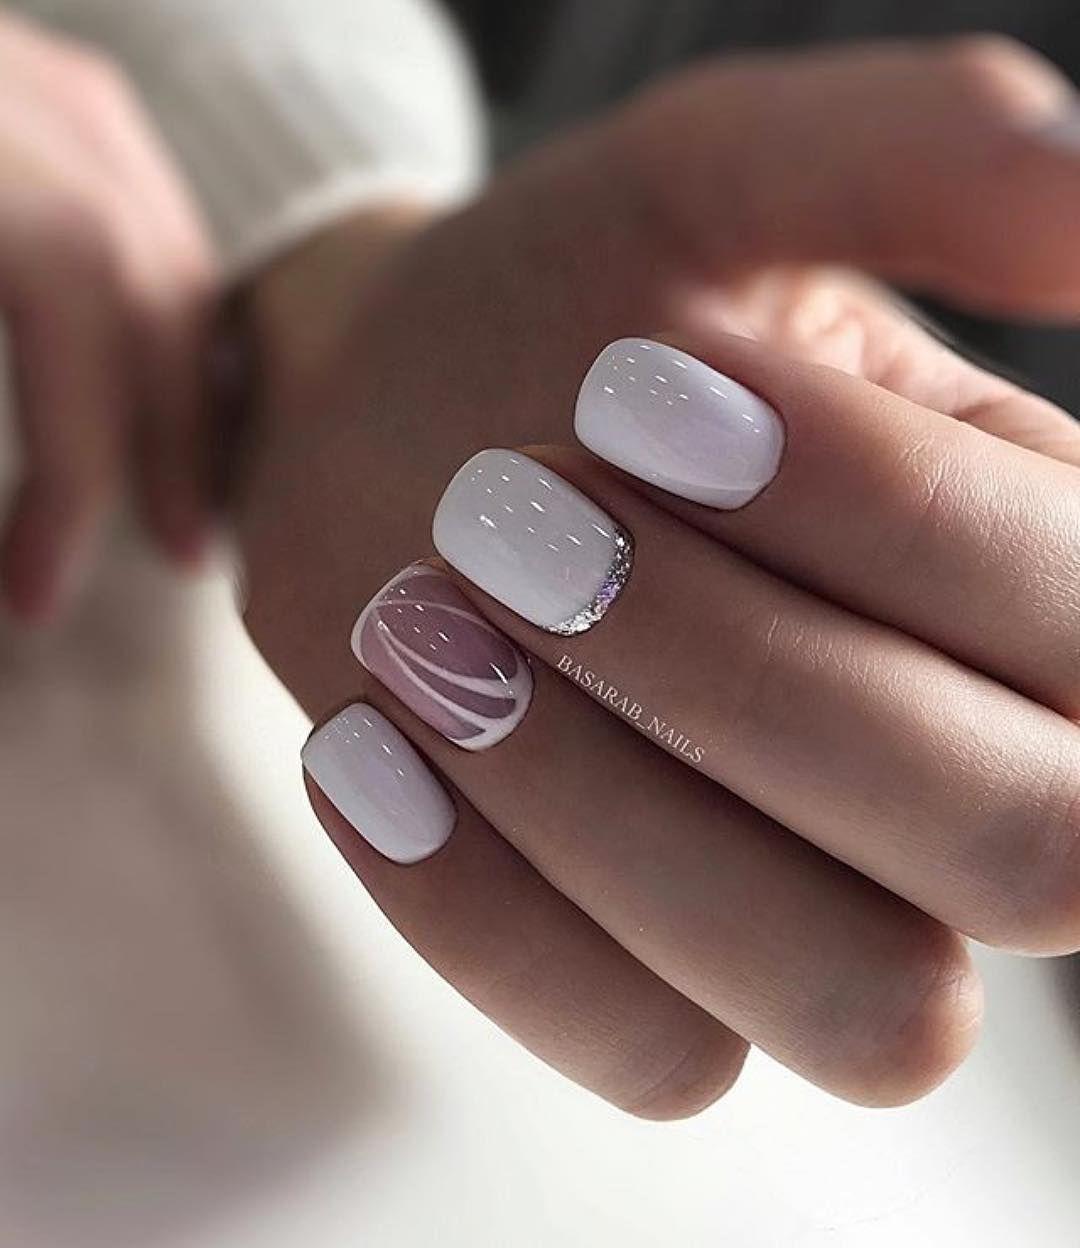 30 нежных аккуратных образа маникюра для коротких ногтей